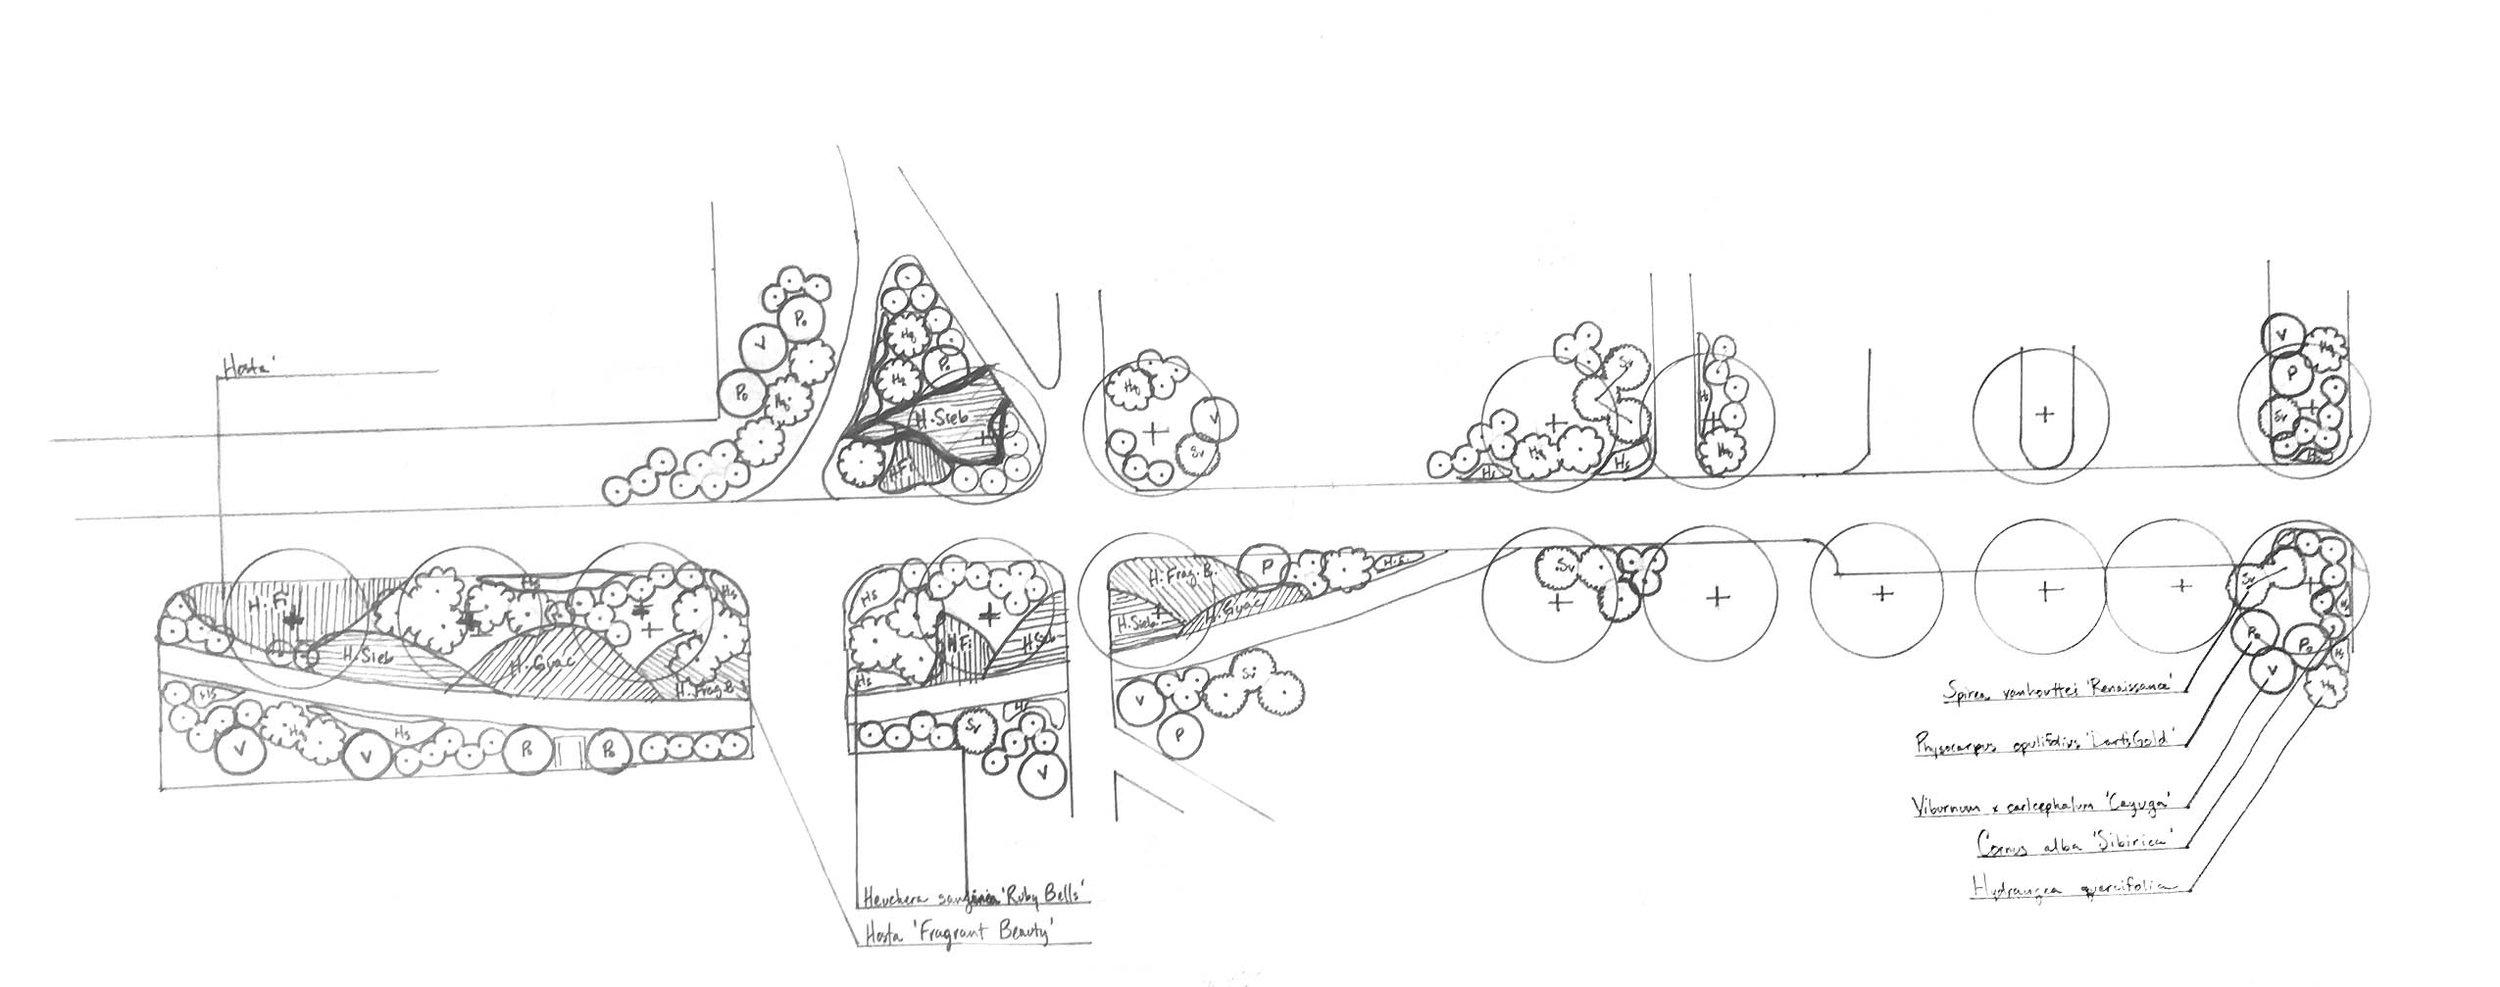 SUNY Cortland hand sketch B+W-cleaned.jpg